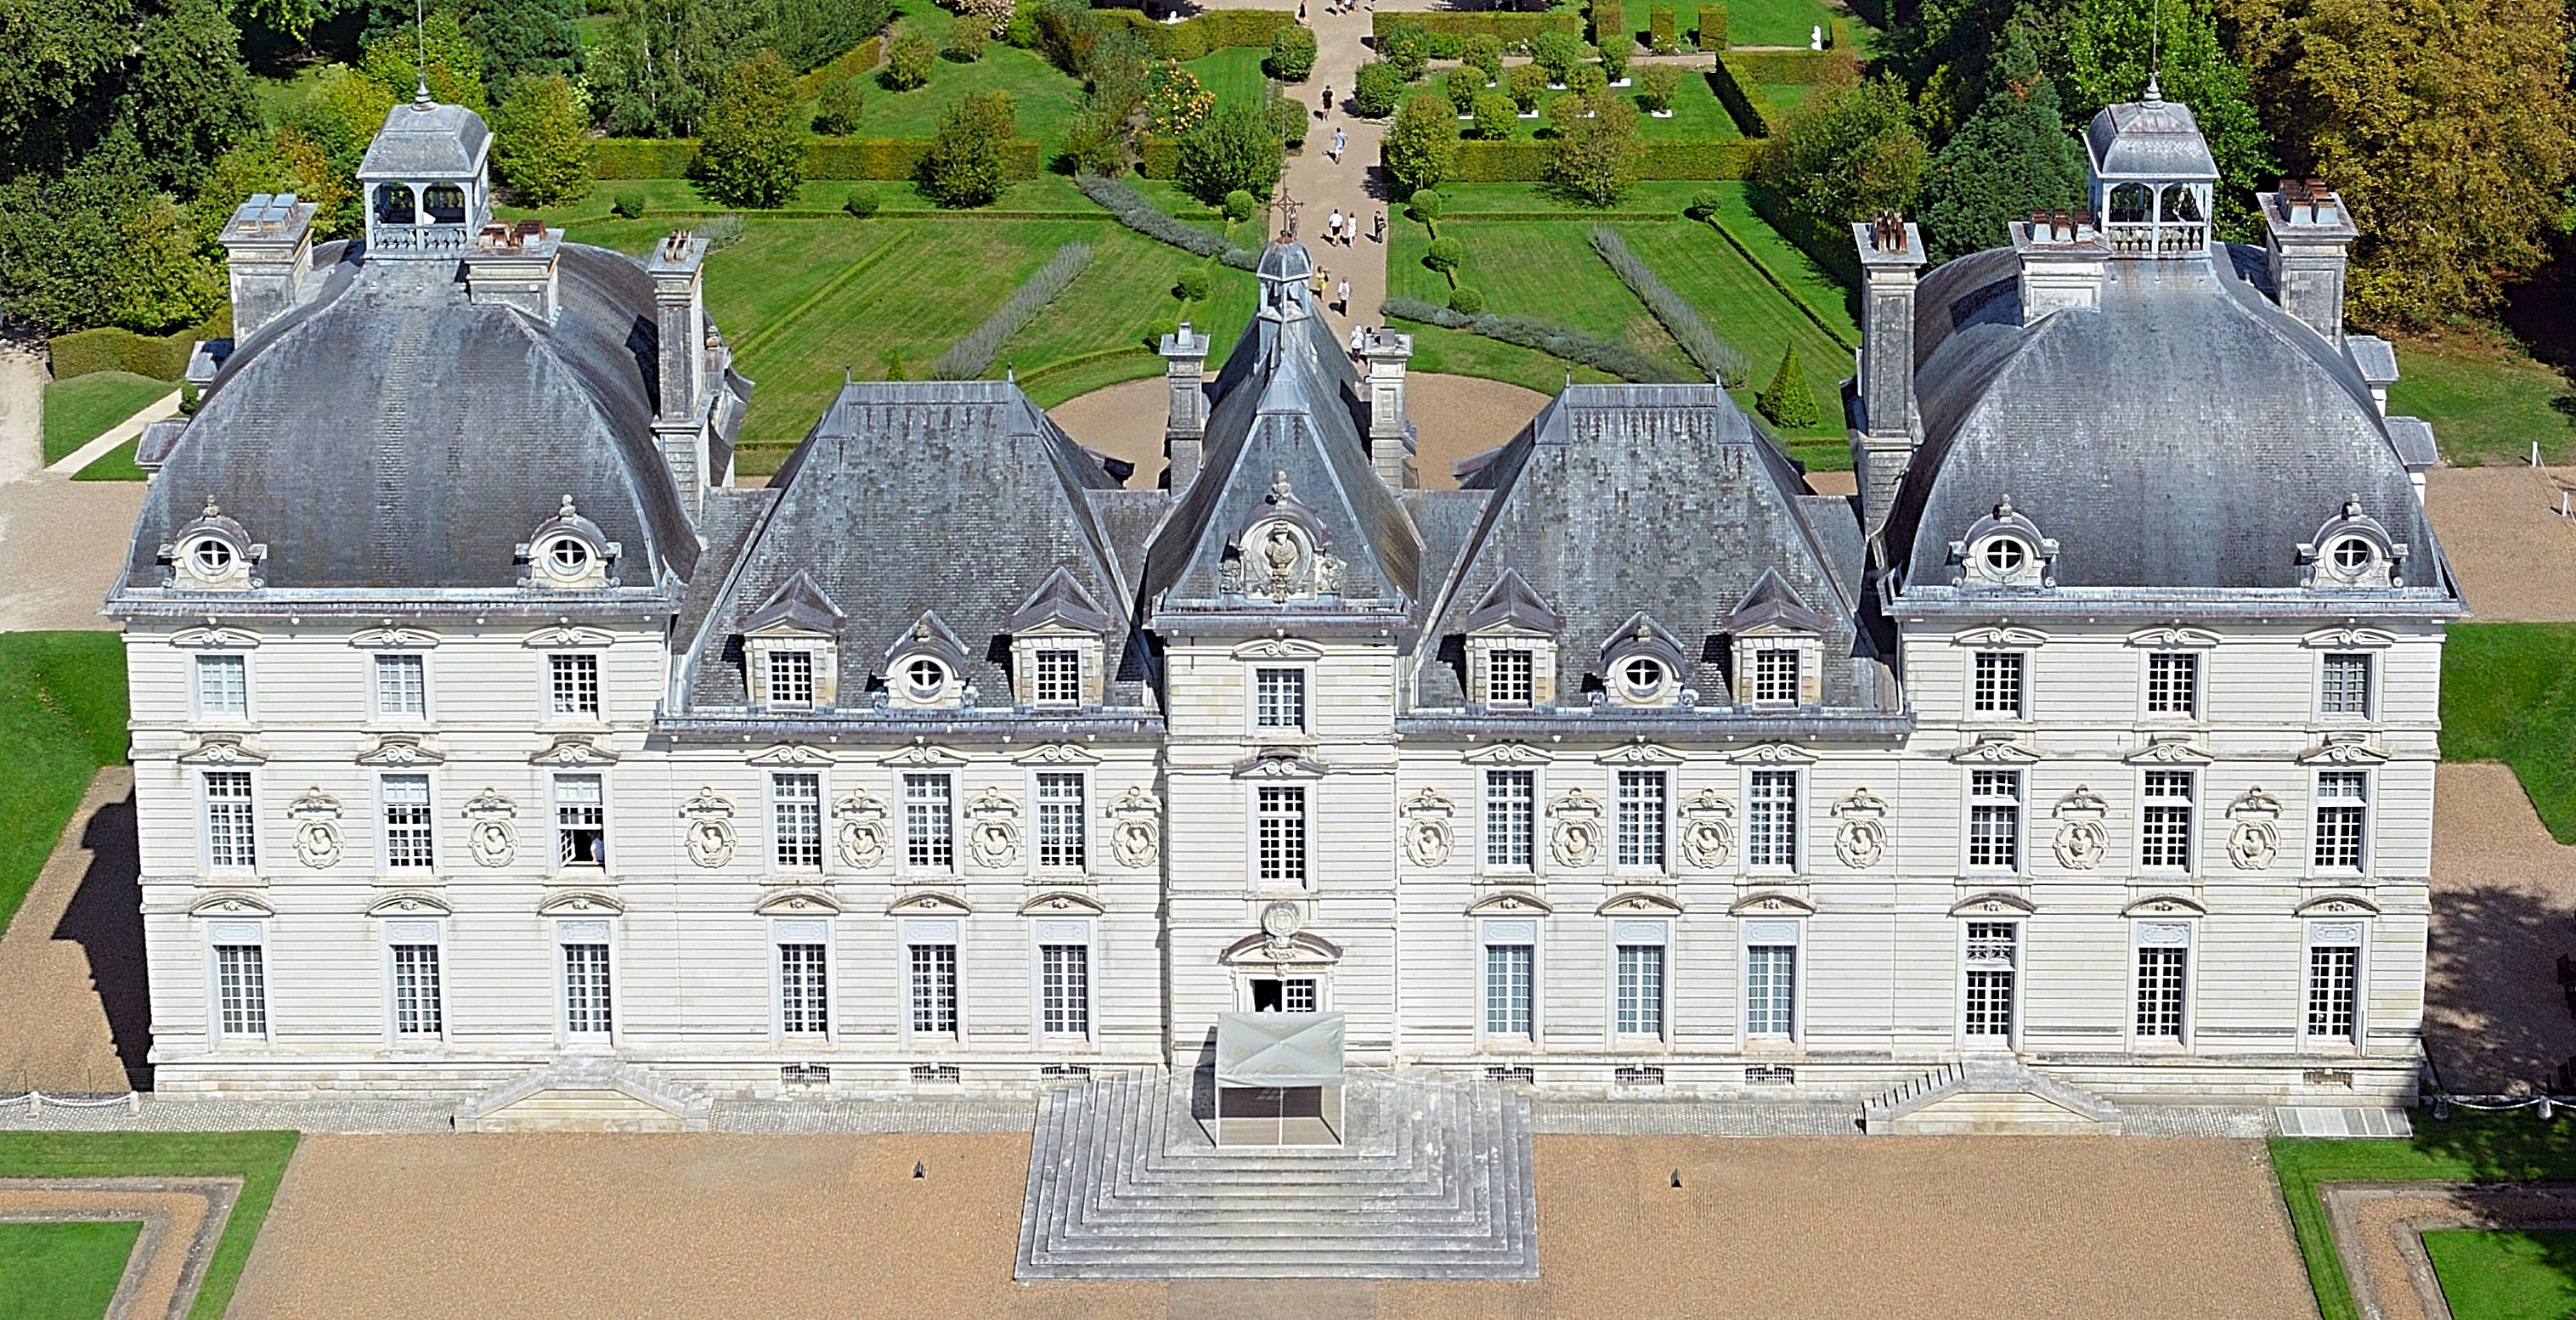 Le château de Cheverny qui a servi de modèle à Hergé pour celui de Moulinsart (photo Chicurel)